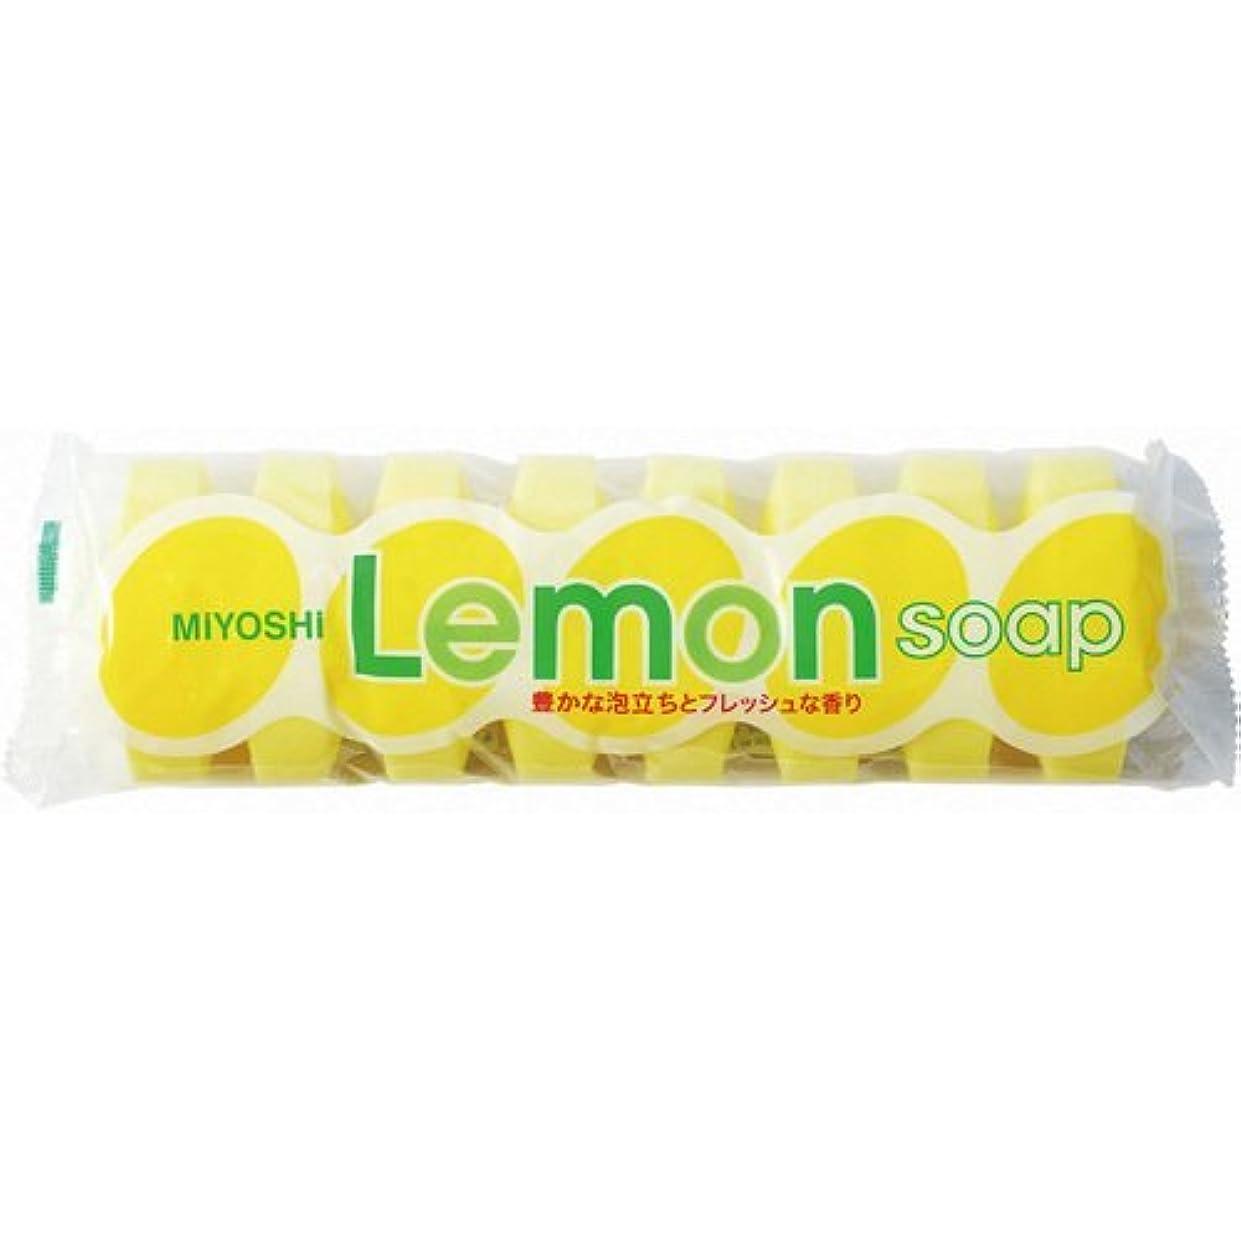 手つかずの複数ハンカチミヨシ レモンソープ 45g×8個入